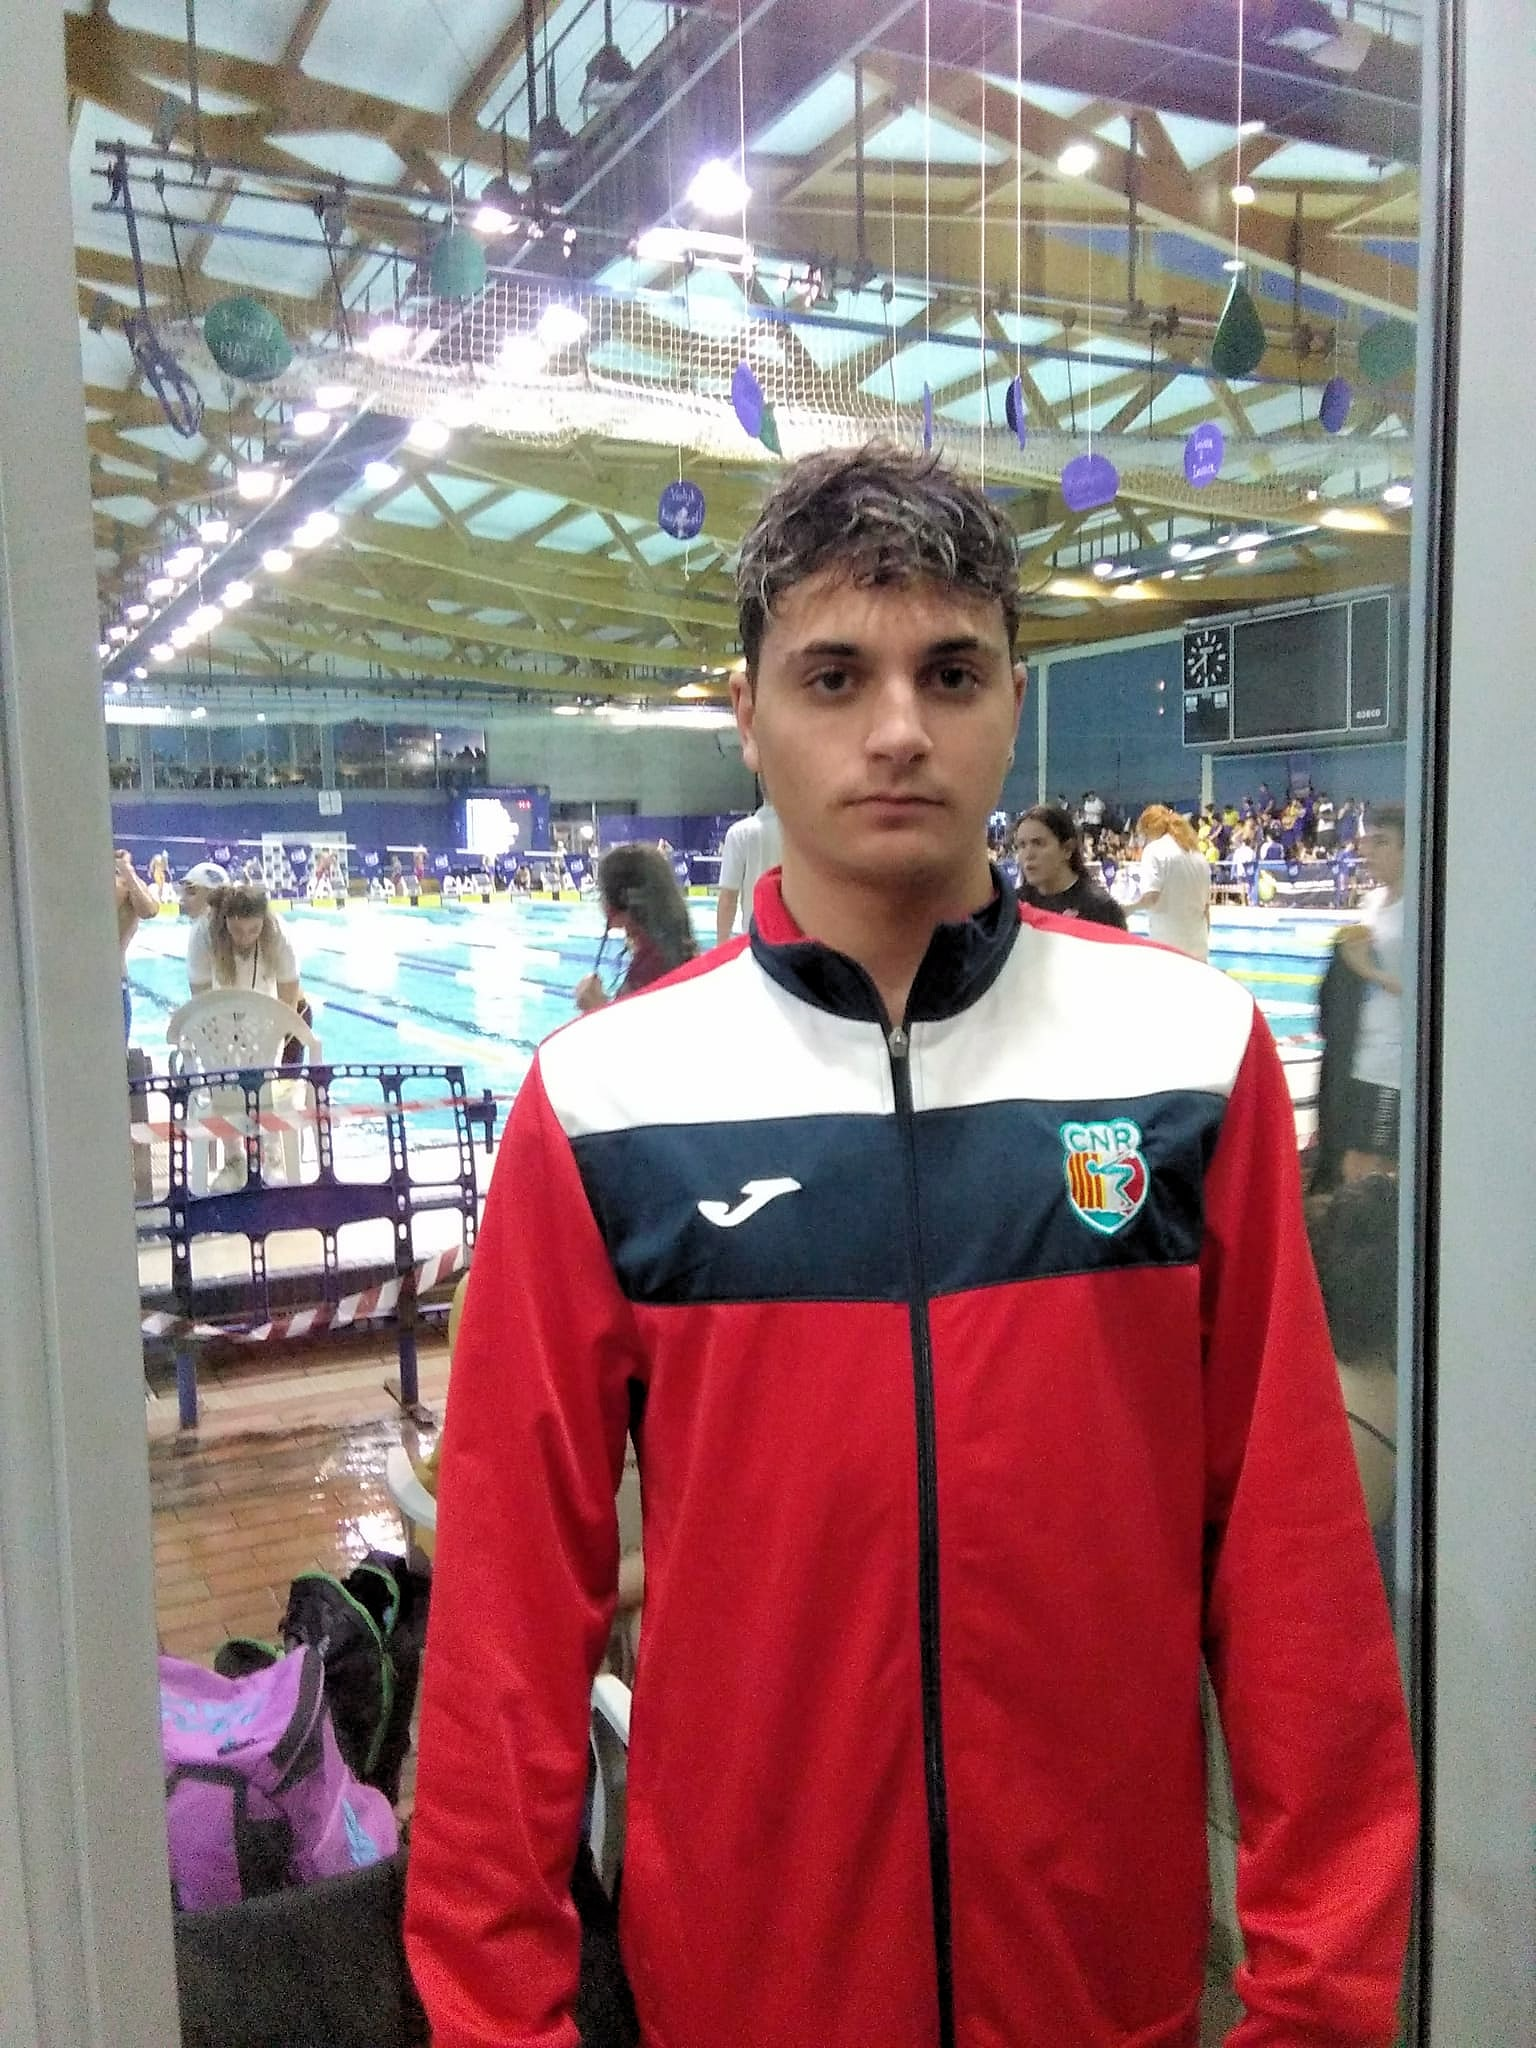 Alejandro Carrasco, representant del Club en el Campionat de Catalunya d'Hivern de natació Infantil i Júnior